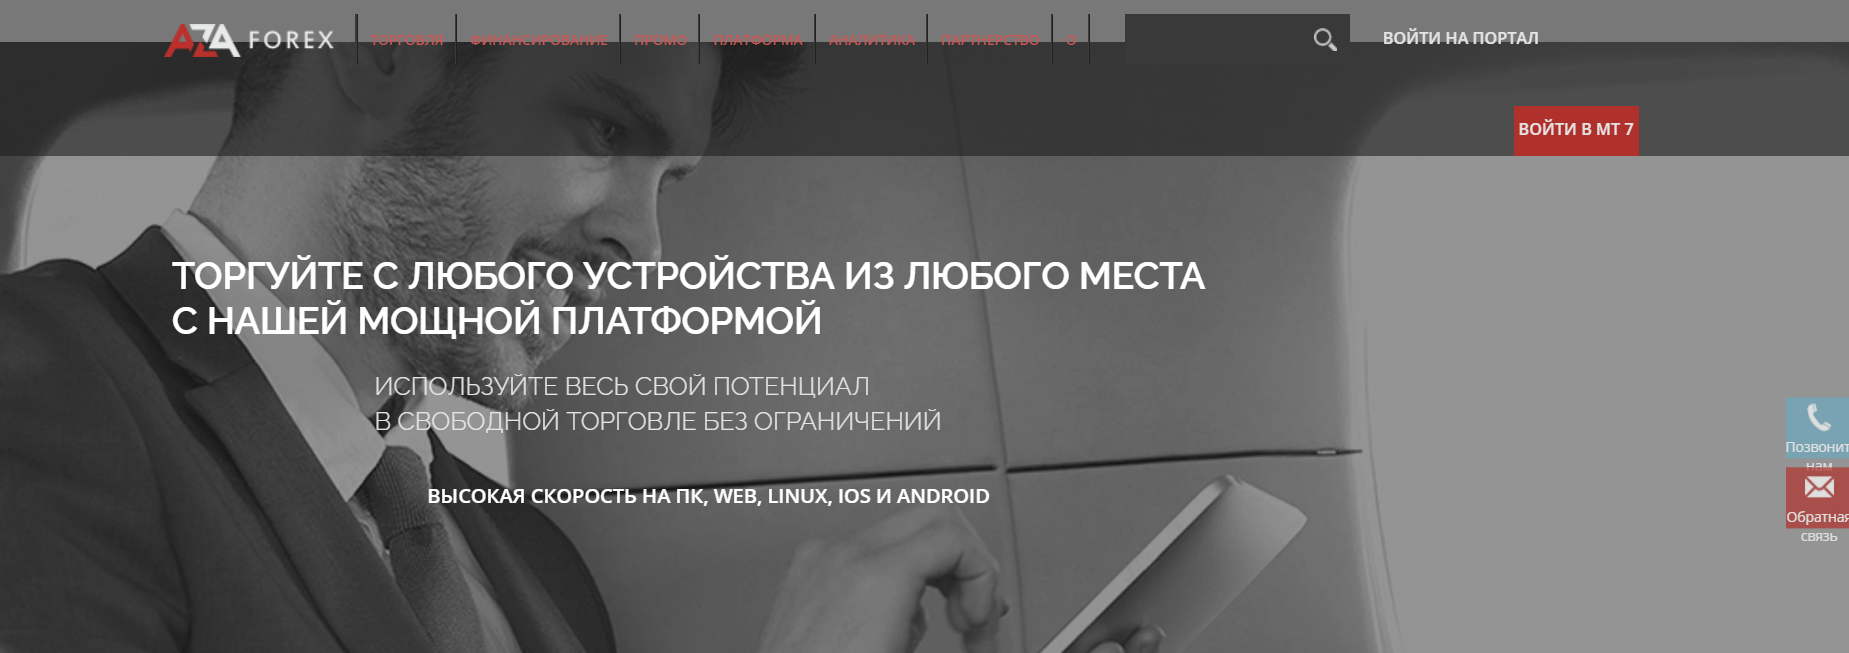 azaforex официальный сайт